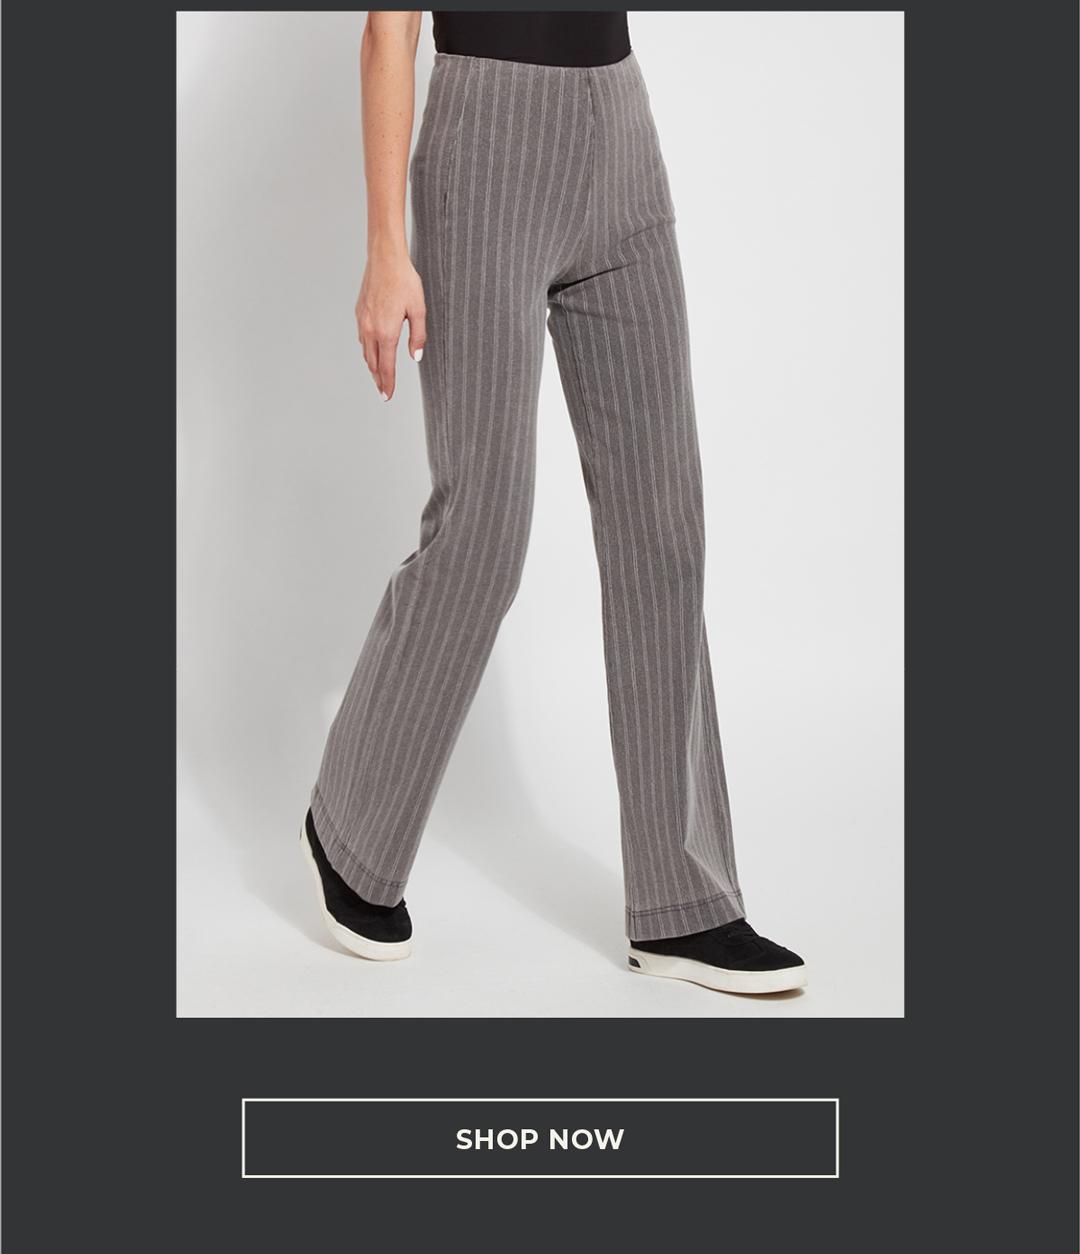 Shop the Denim Trouser